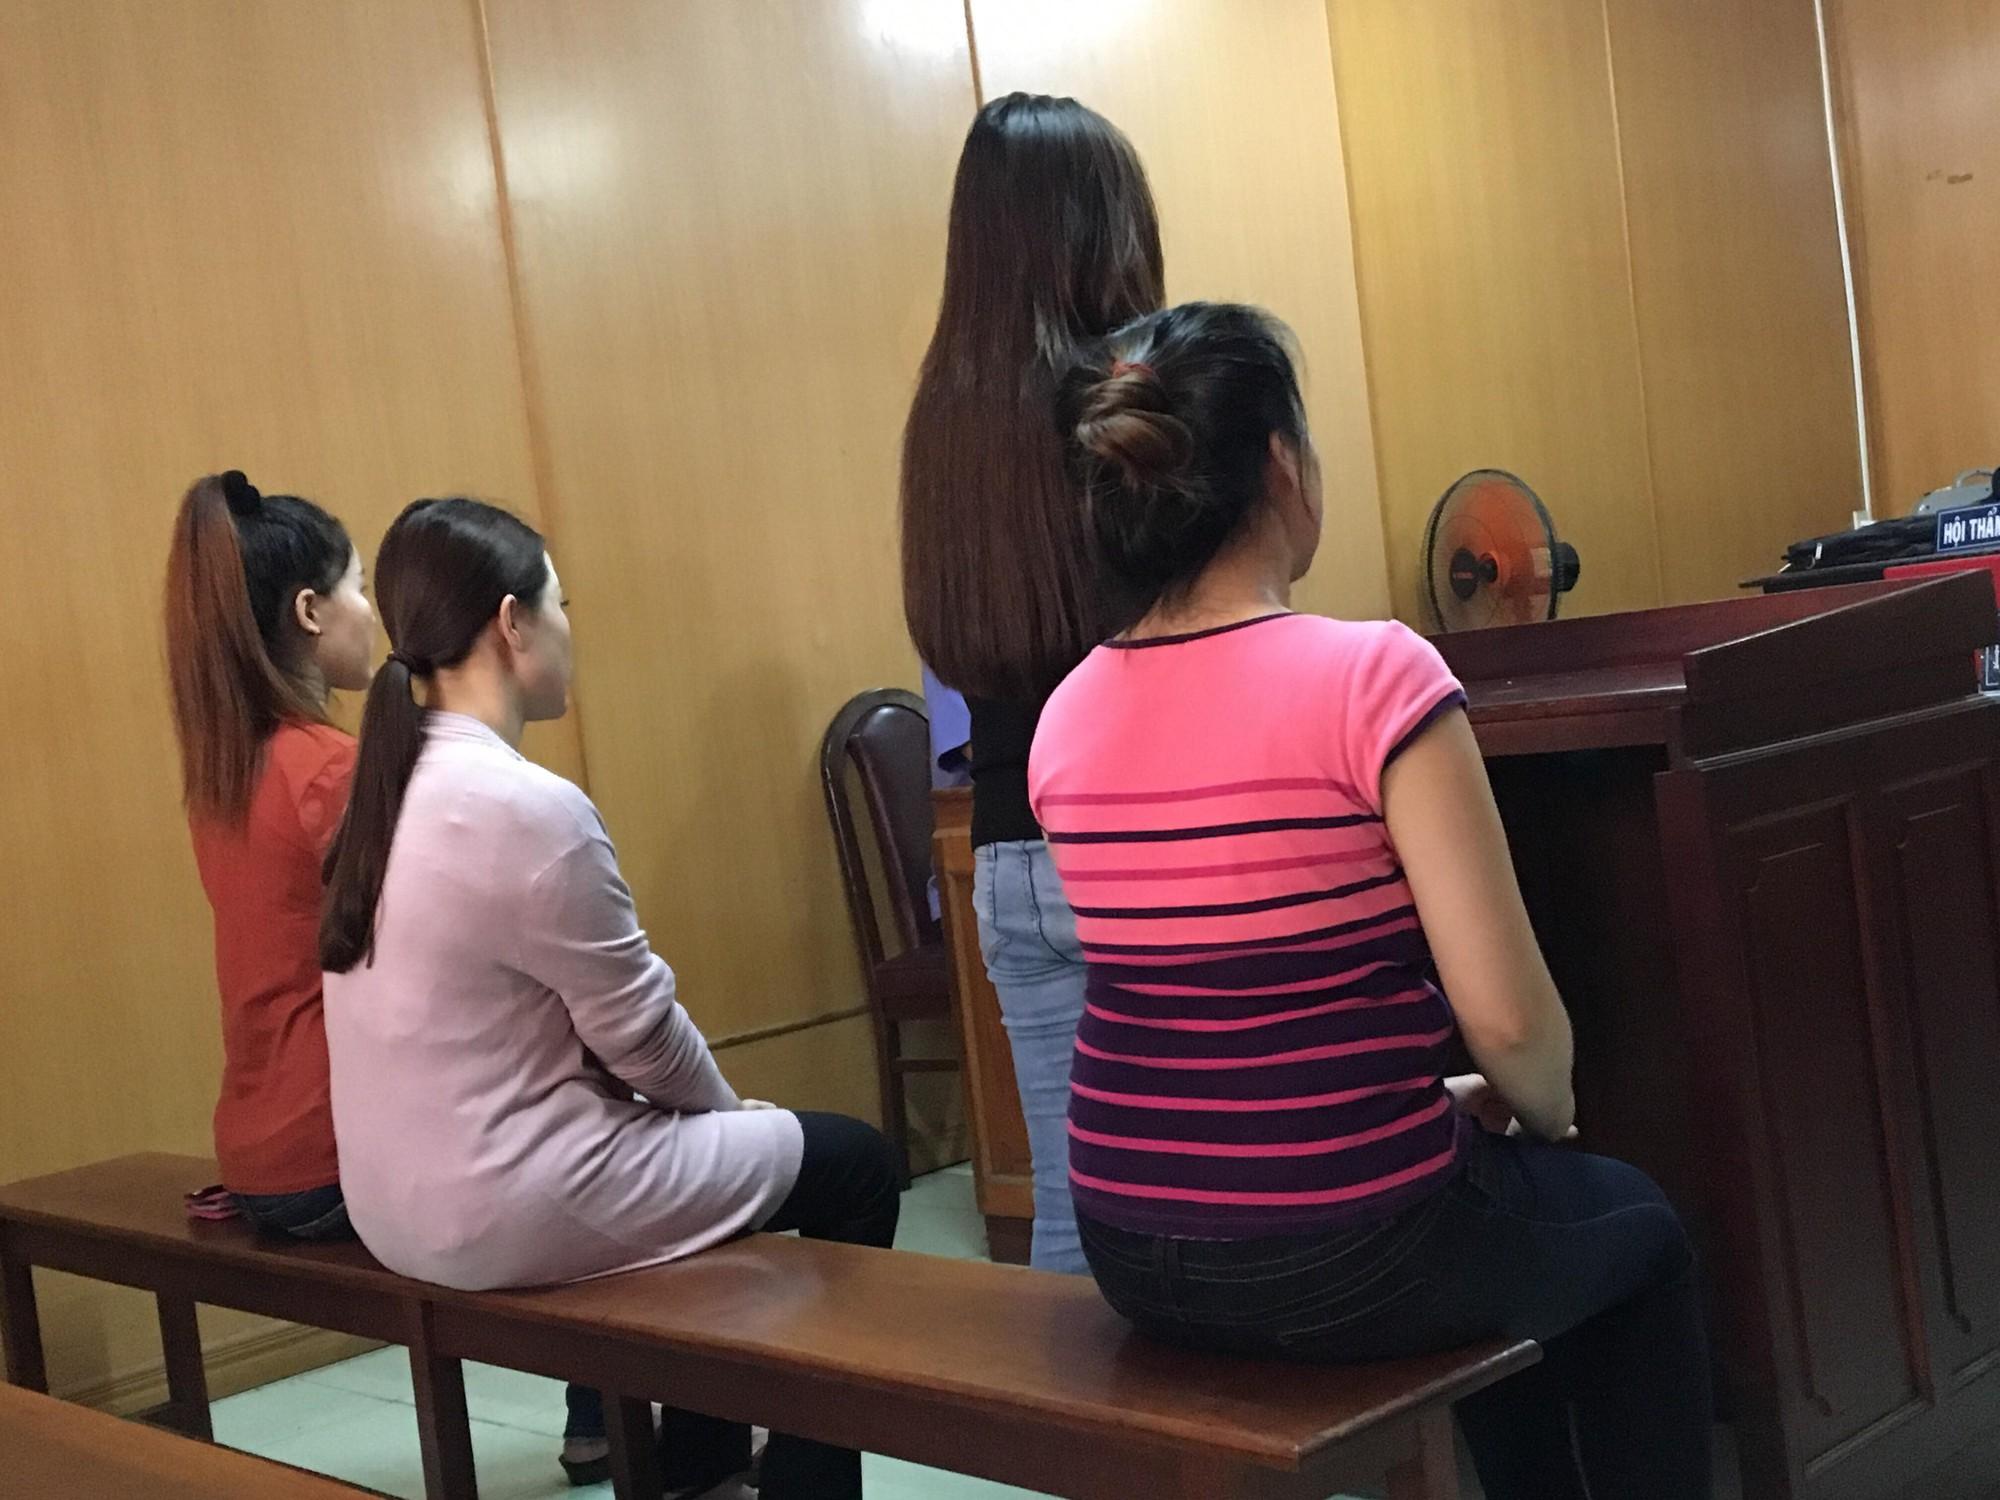 """Xét xử diễn viên, MC, hoa khôi bán dâm nghìn USD ở Sài Gòn: """"Bị cáo nói được khách tặng 'quà' chứ không phải tiền bán dâm"""""""